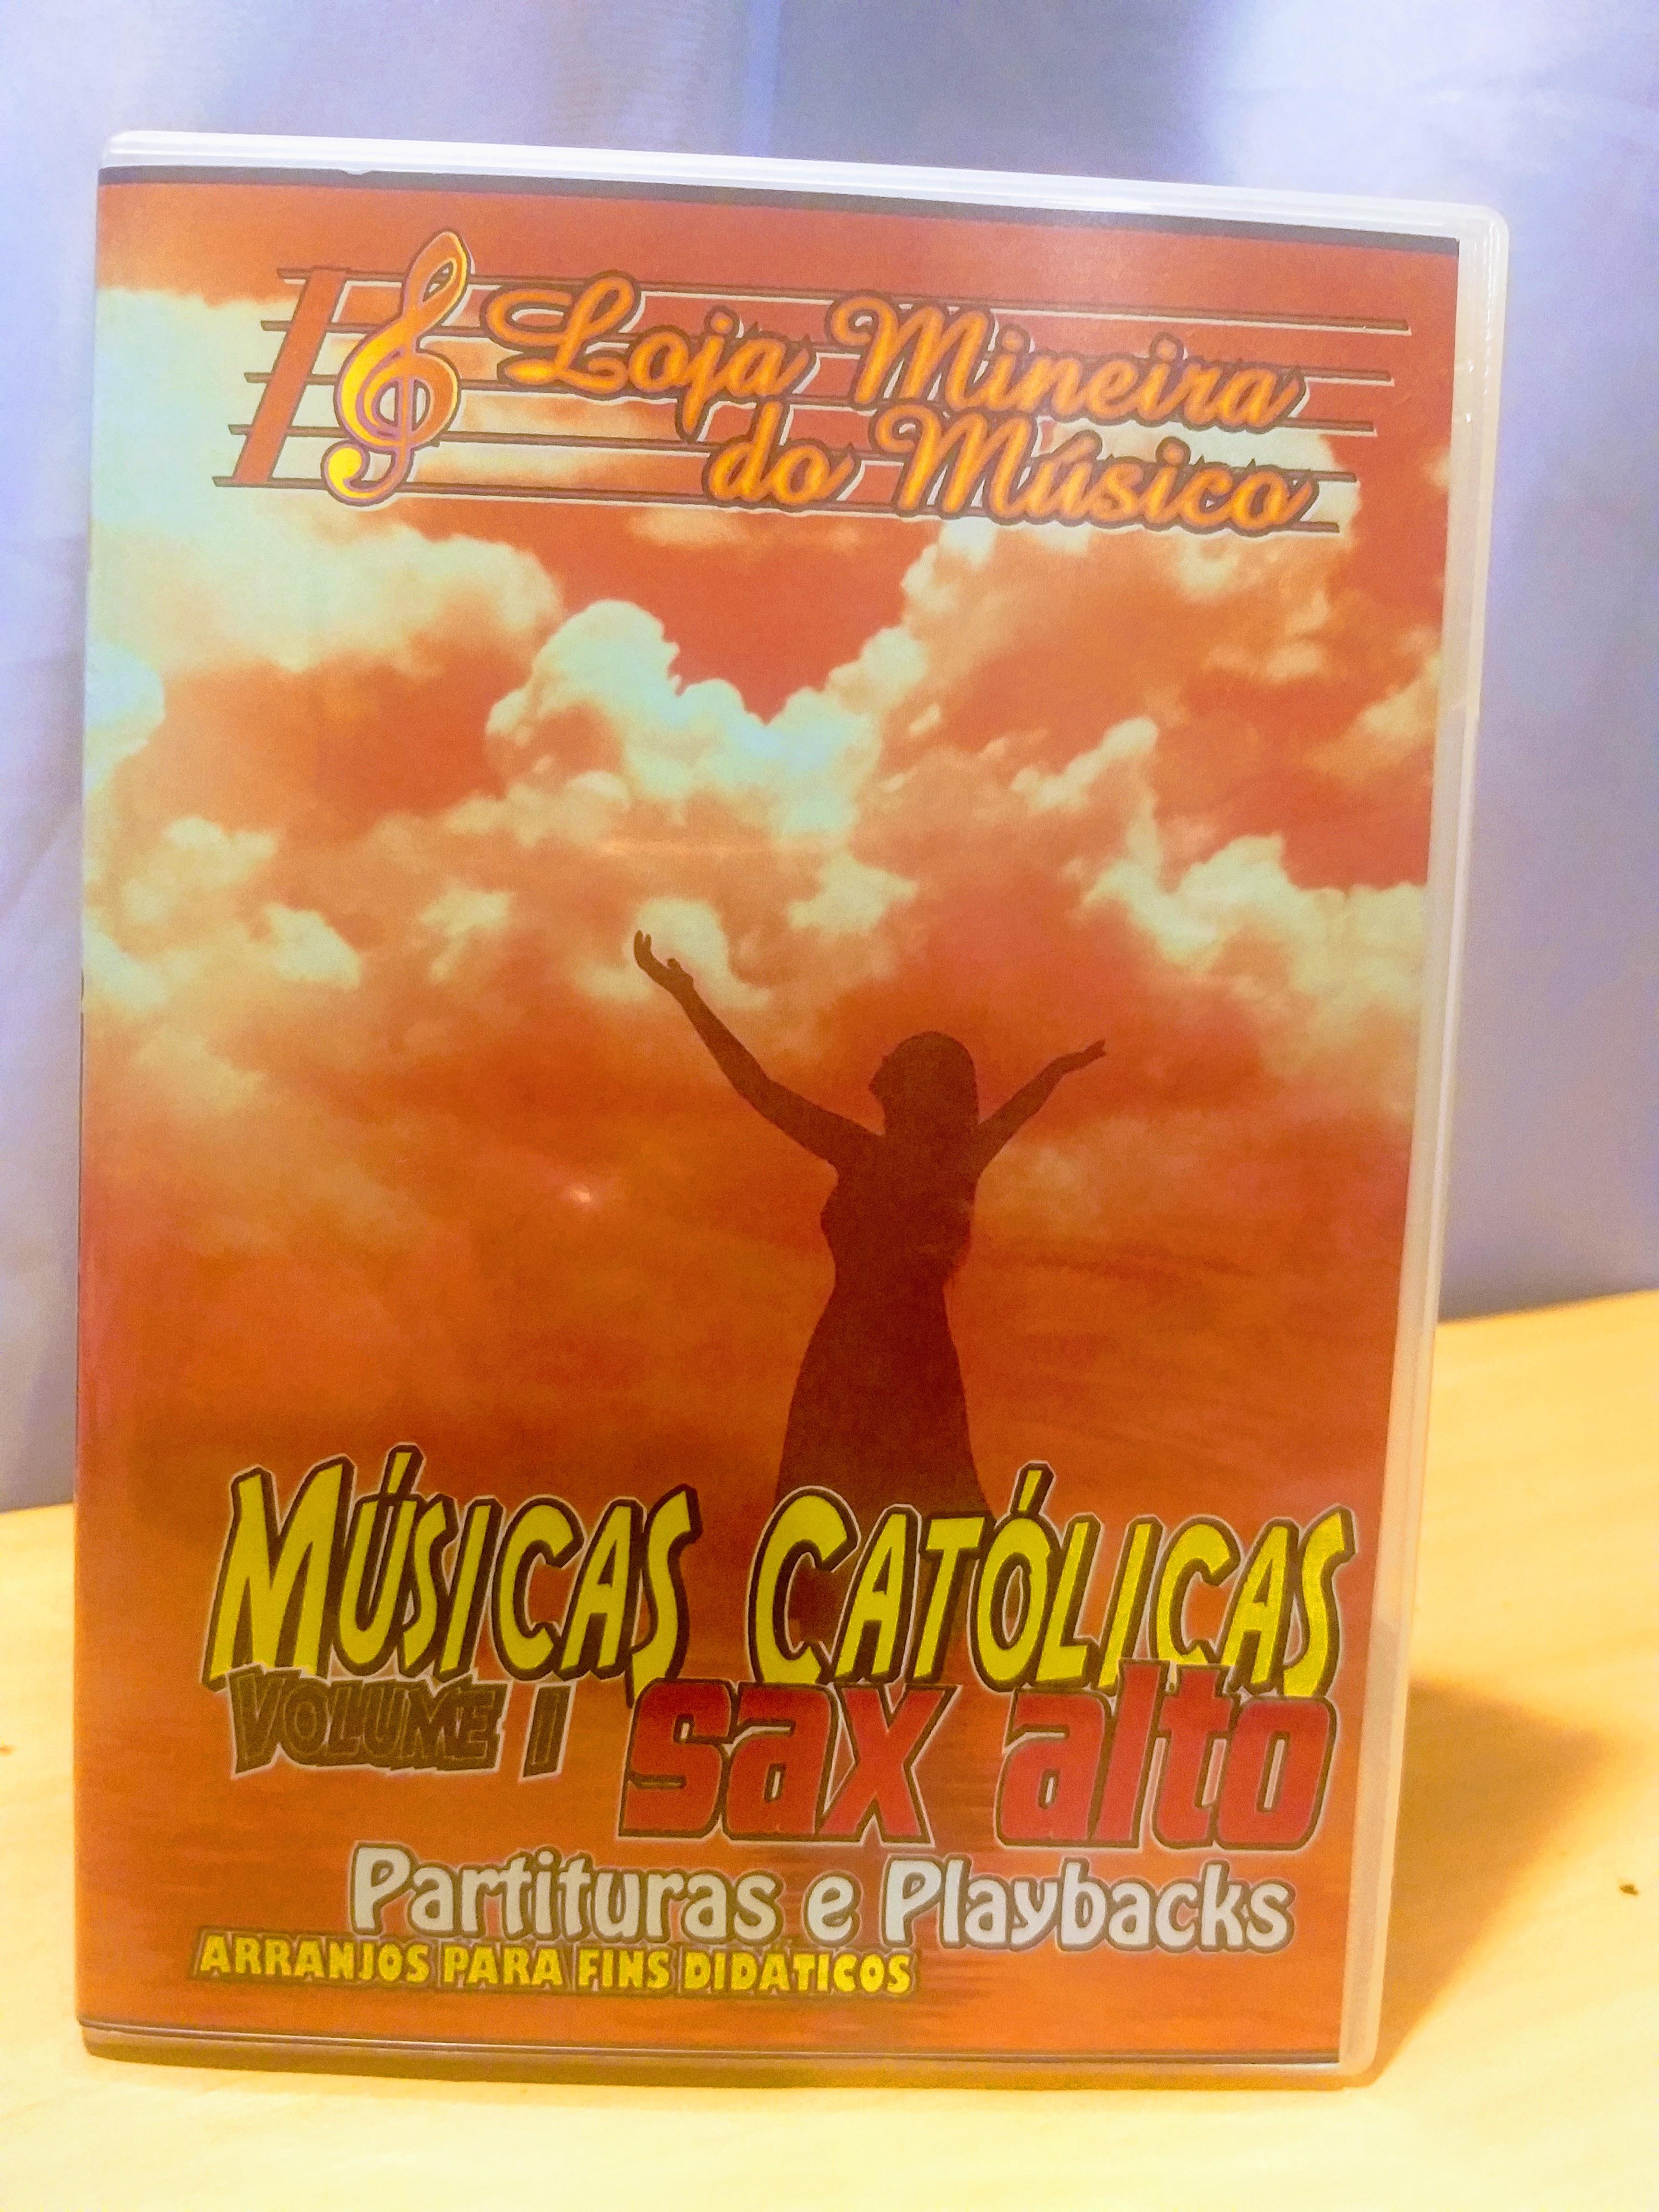 Sax Alto Partituras Católicas atuais e acompanhadas de Áudios MP3 de Estúdio.